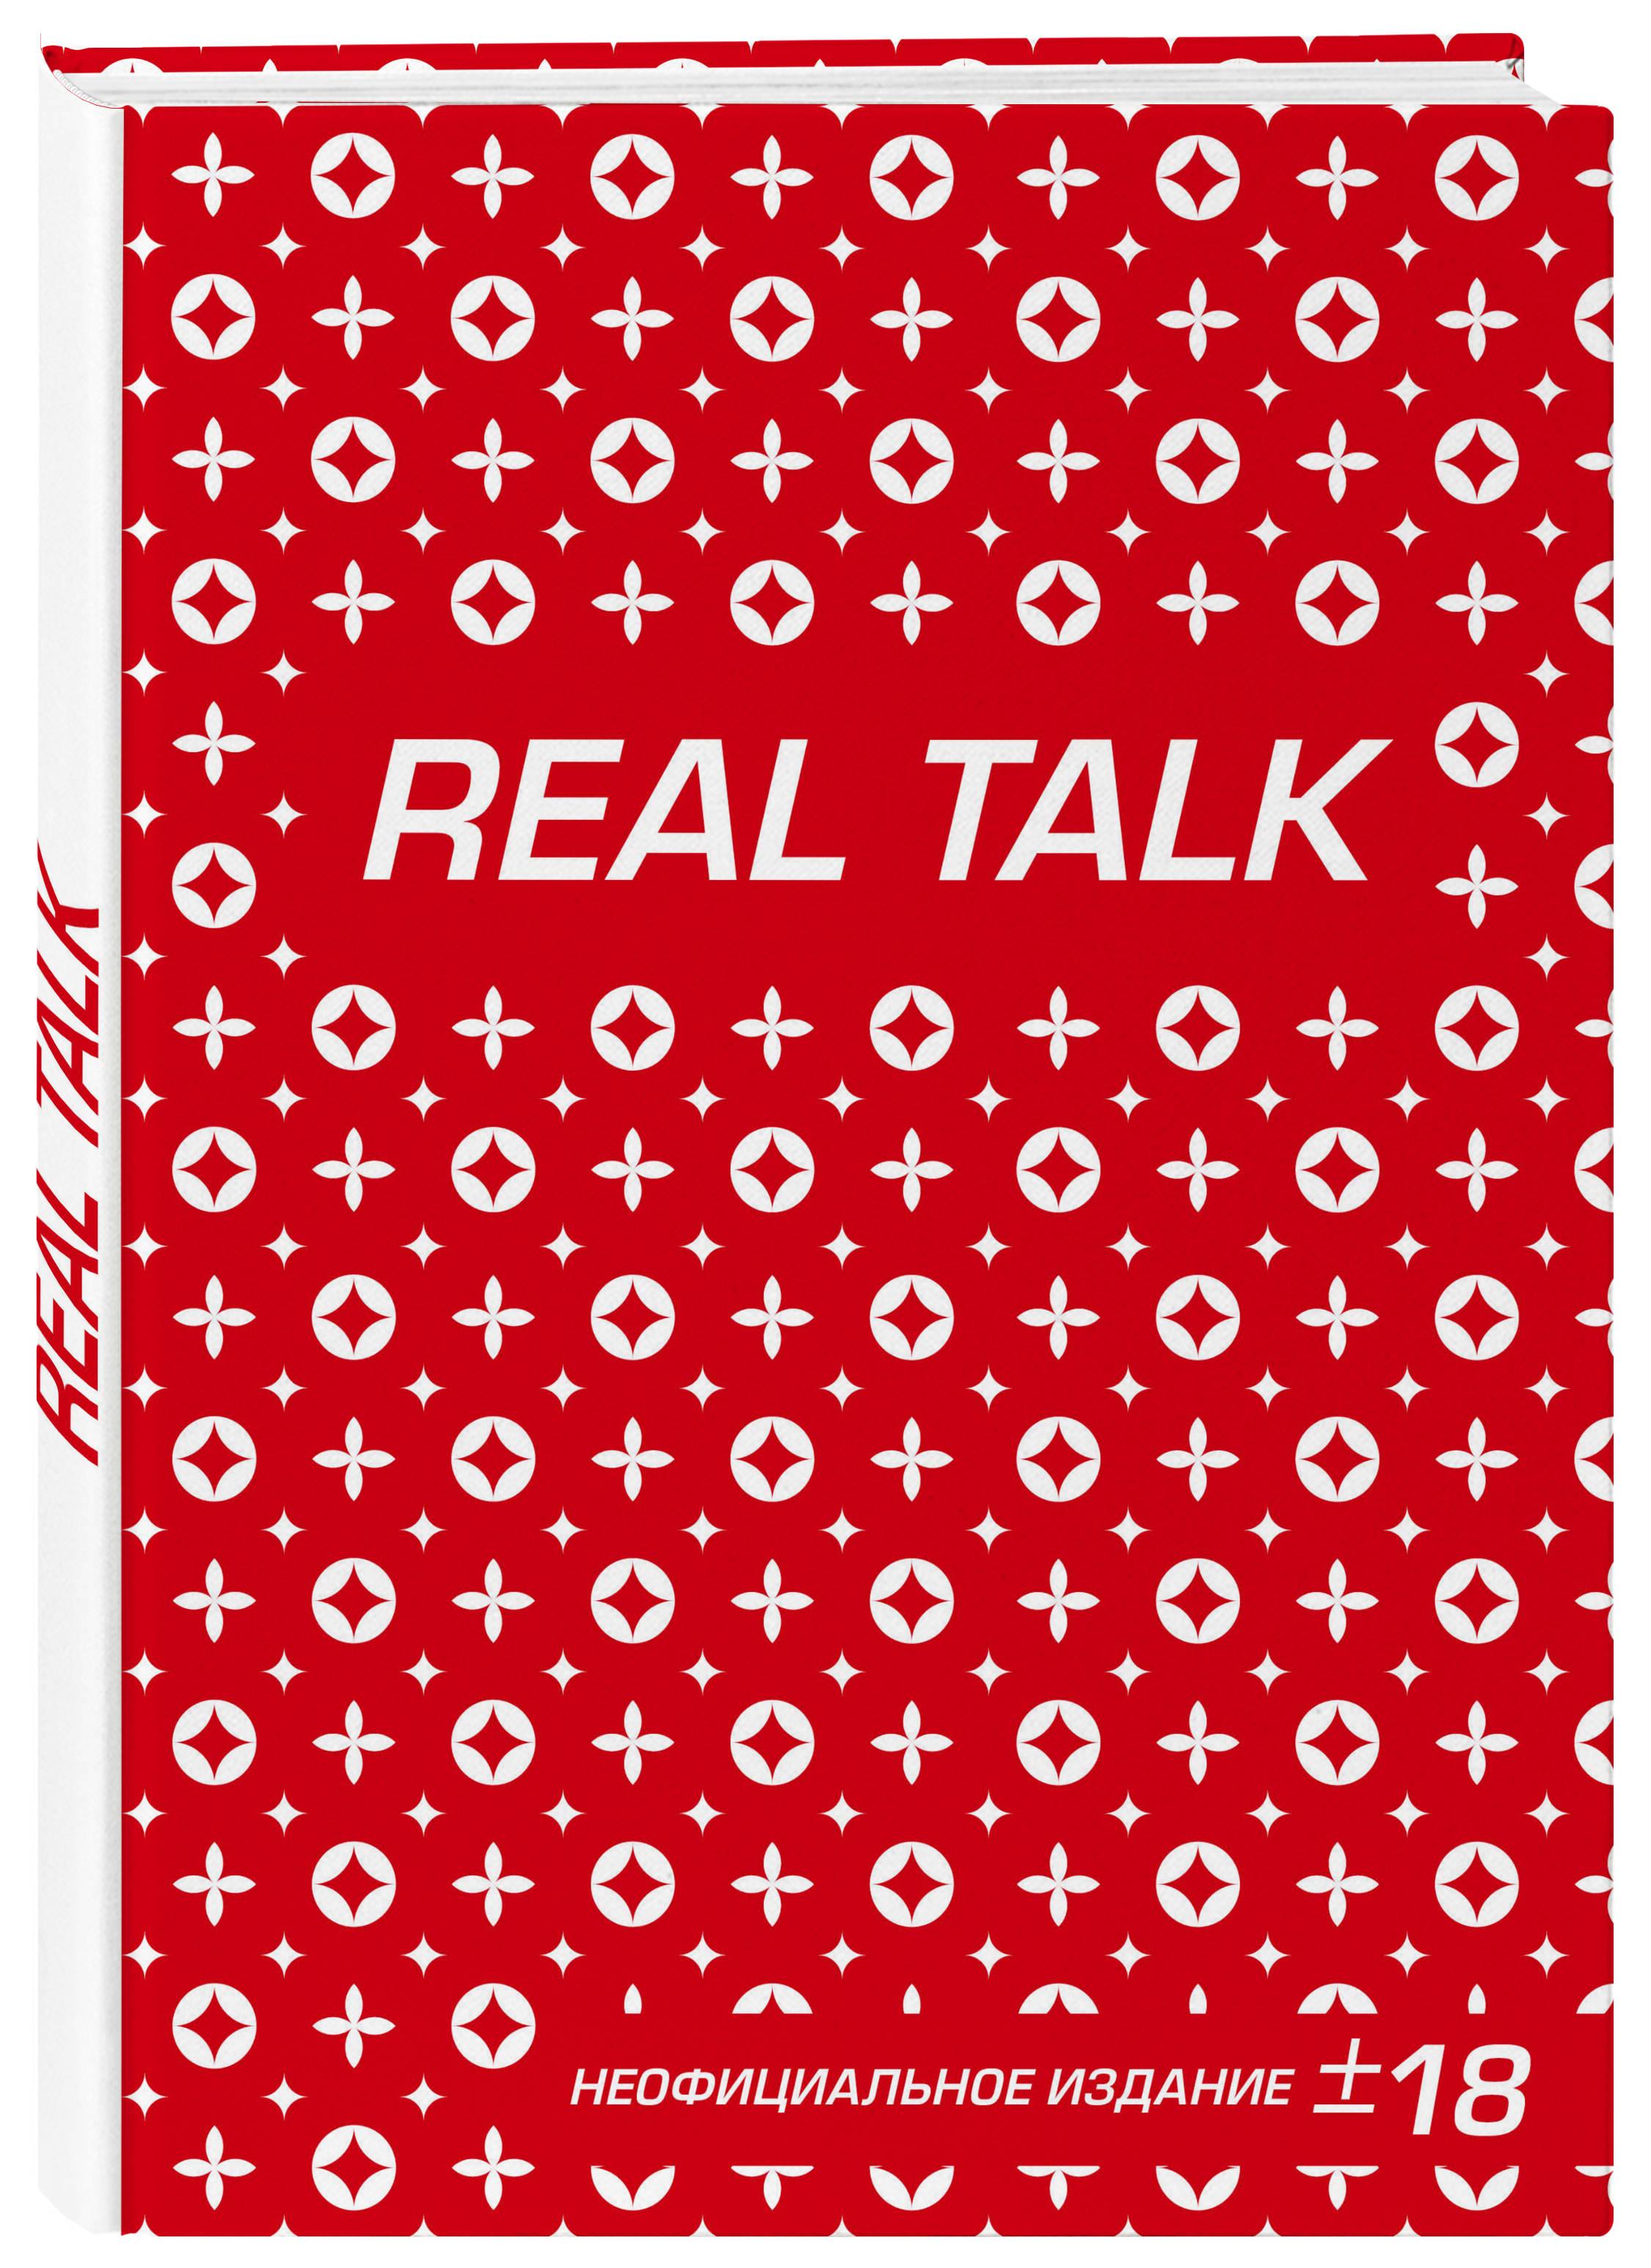 Антихайп REAL TALK (блокнот) (твердый переплет, 160x243) антихайп красный блокнот твердый переплет 160x243